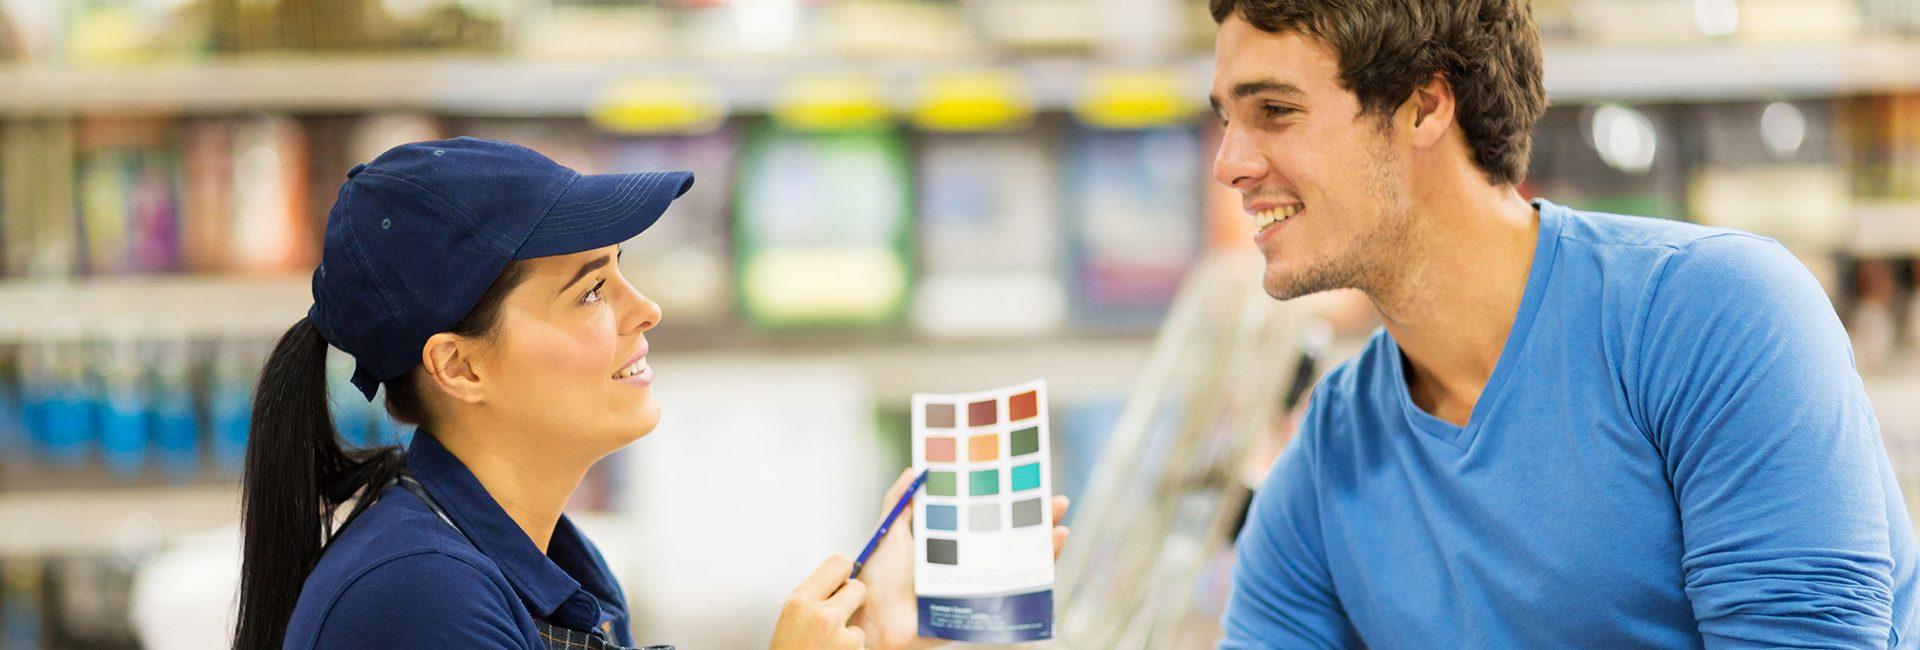 Unser Baumarkt Kundenservice